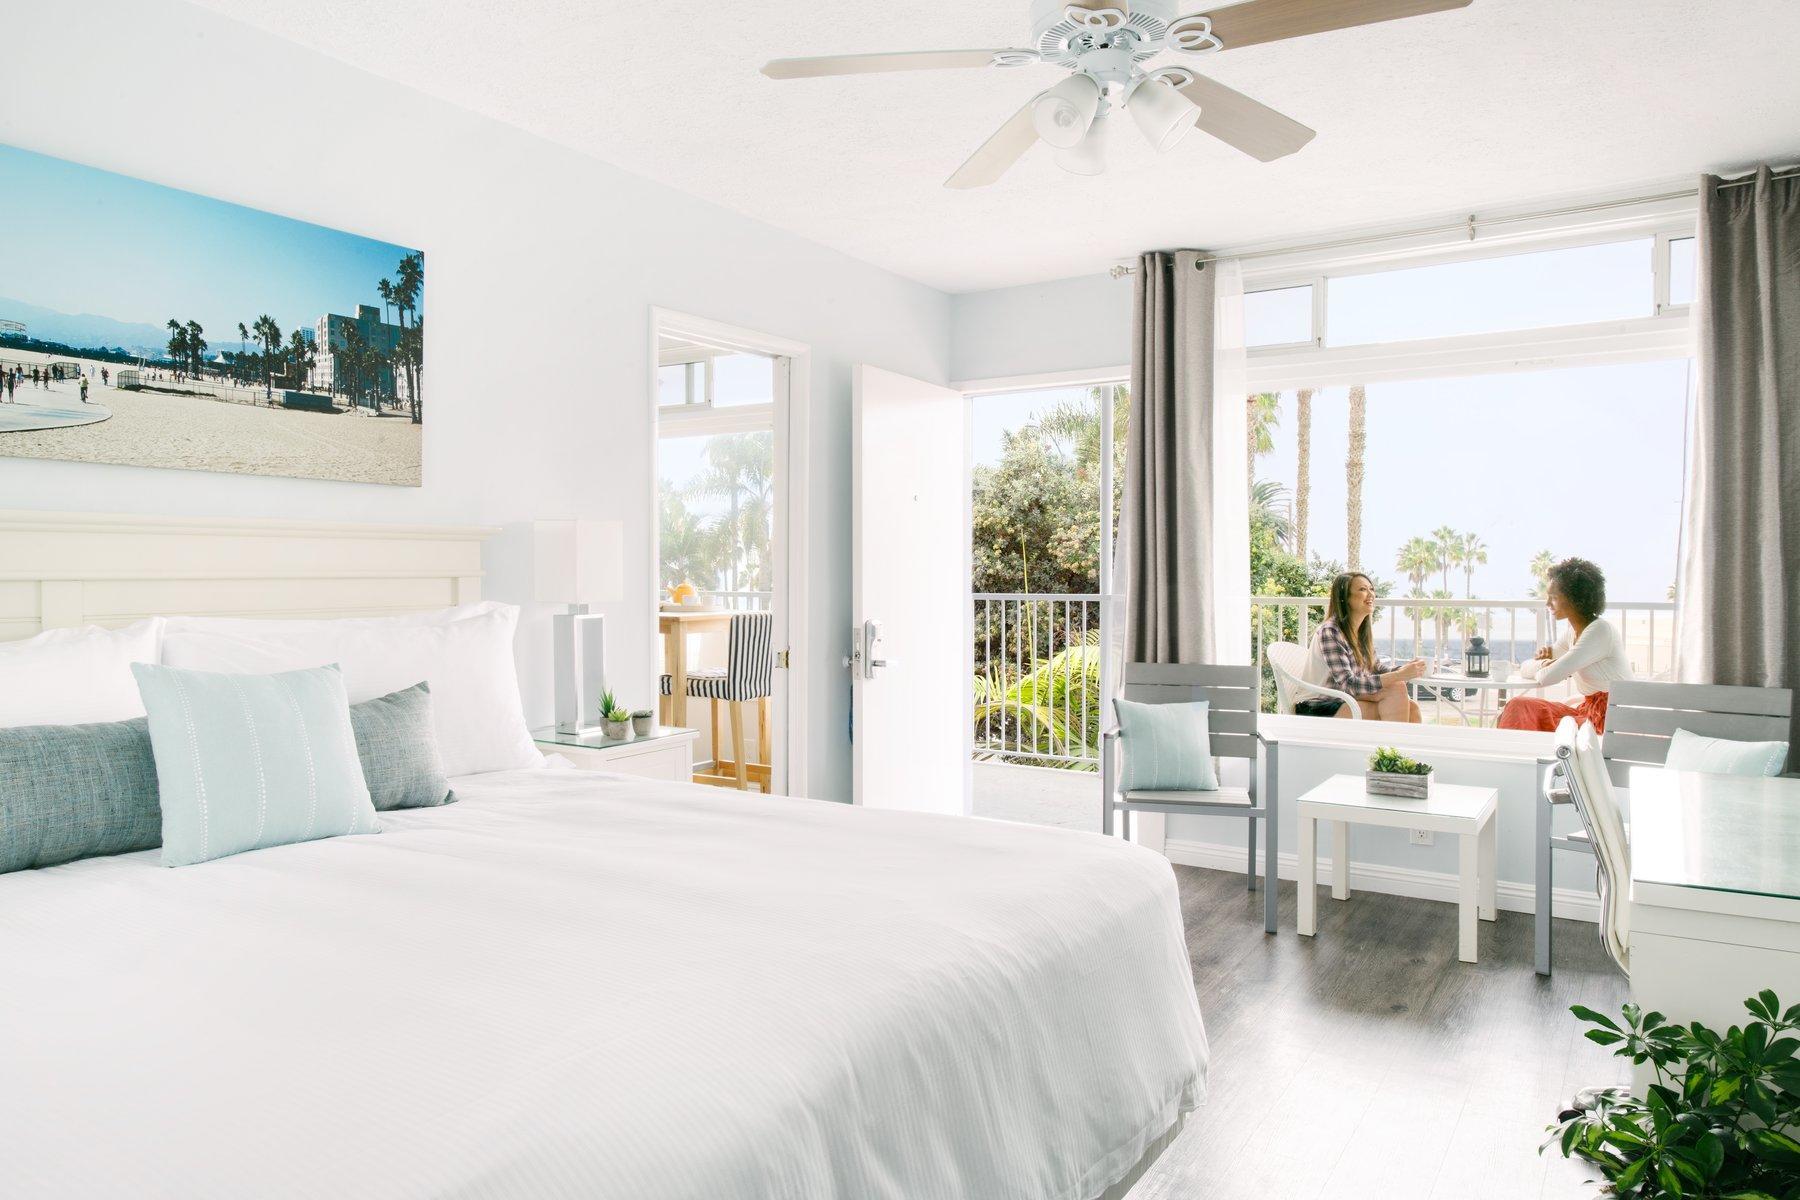 Spacious ocean-view hotel room